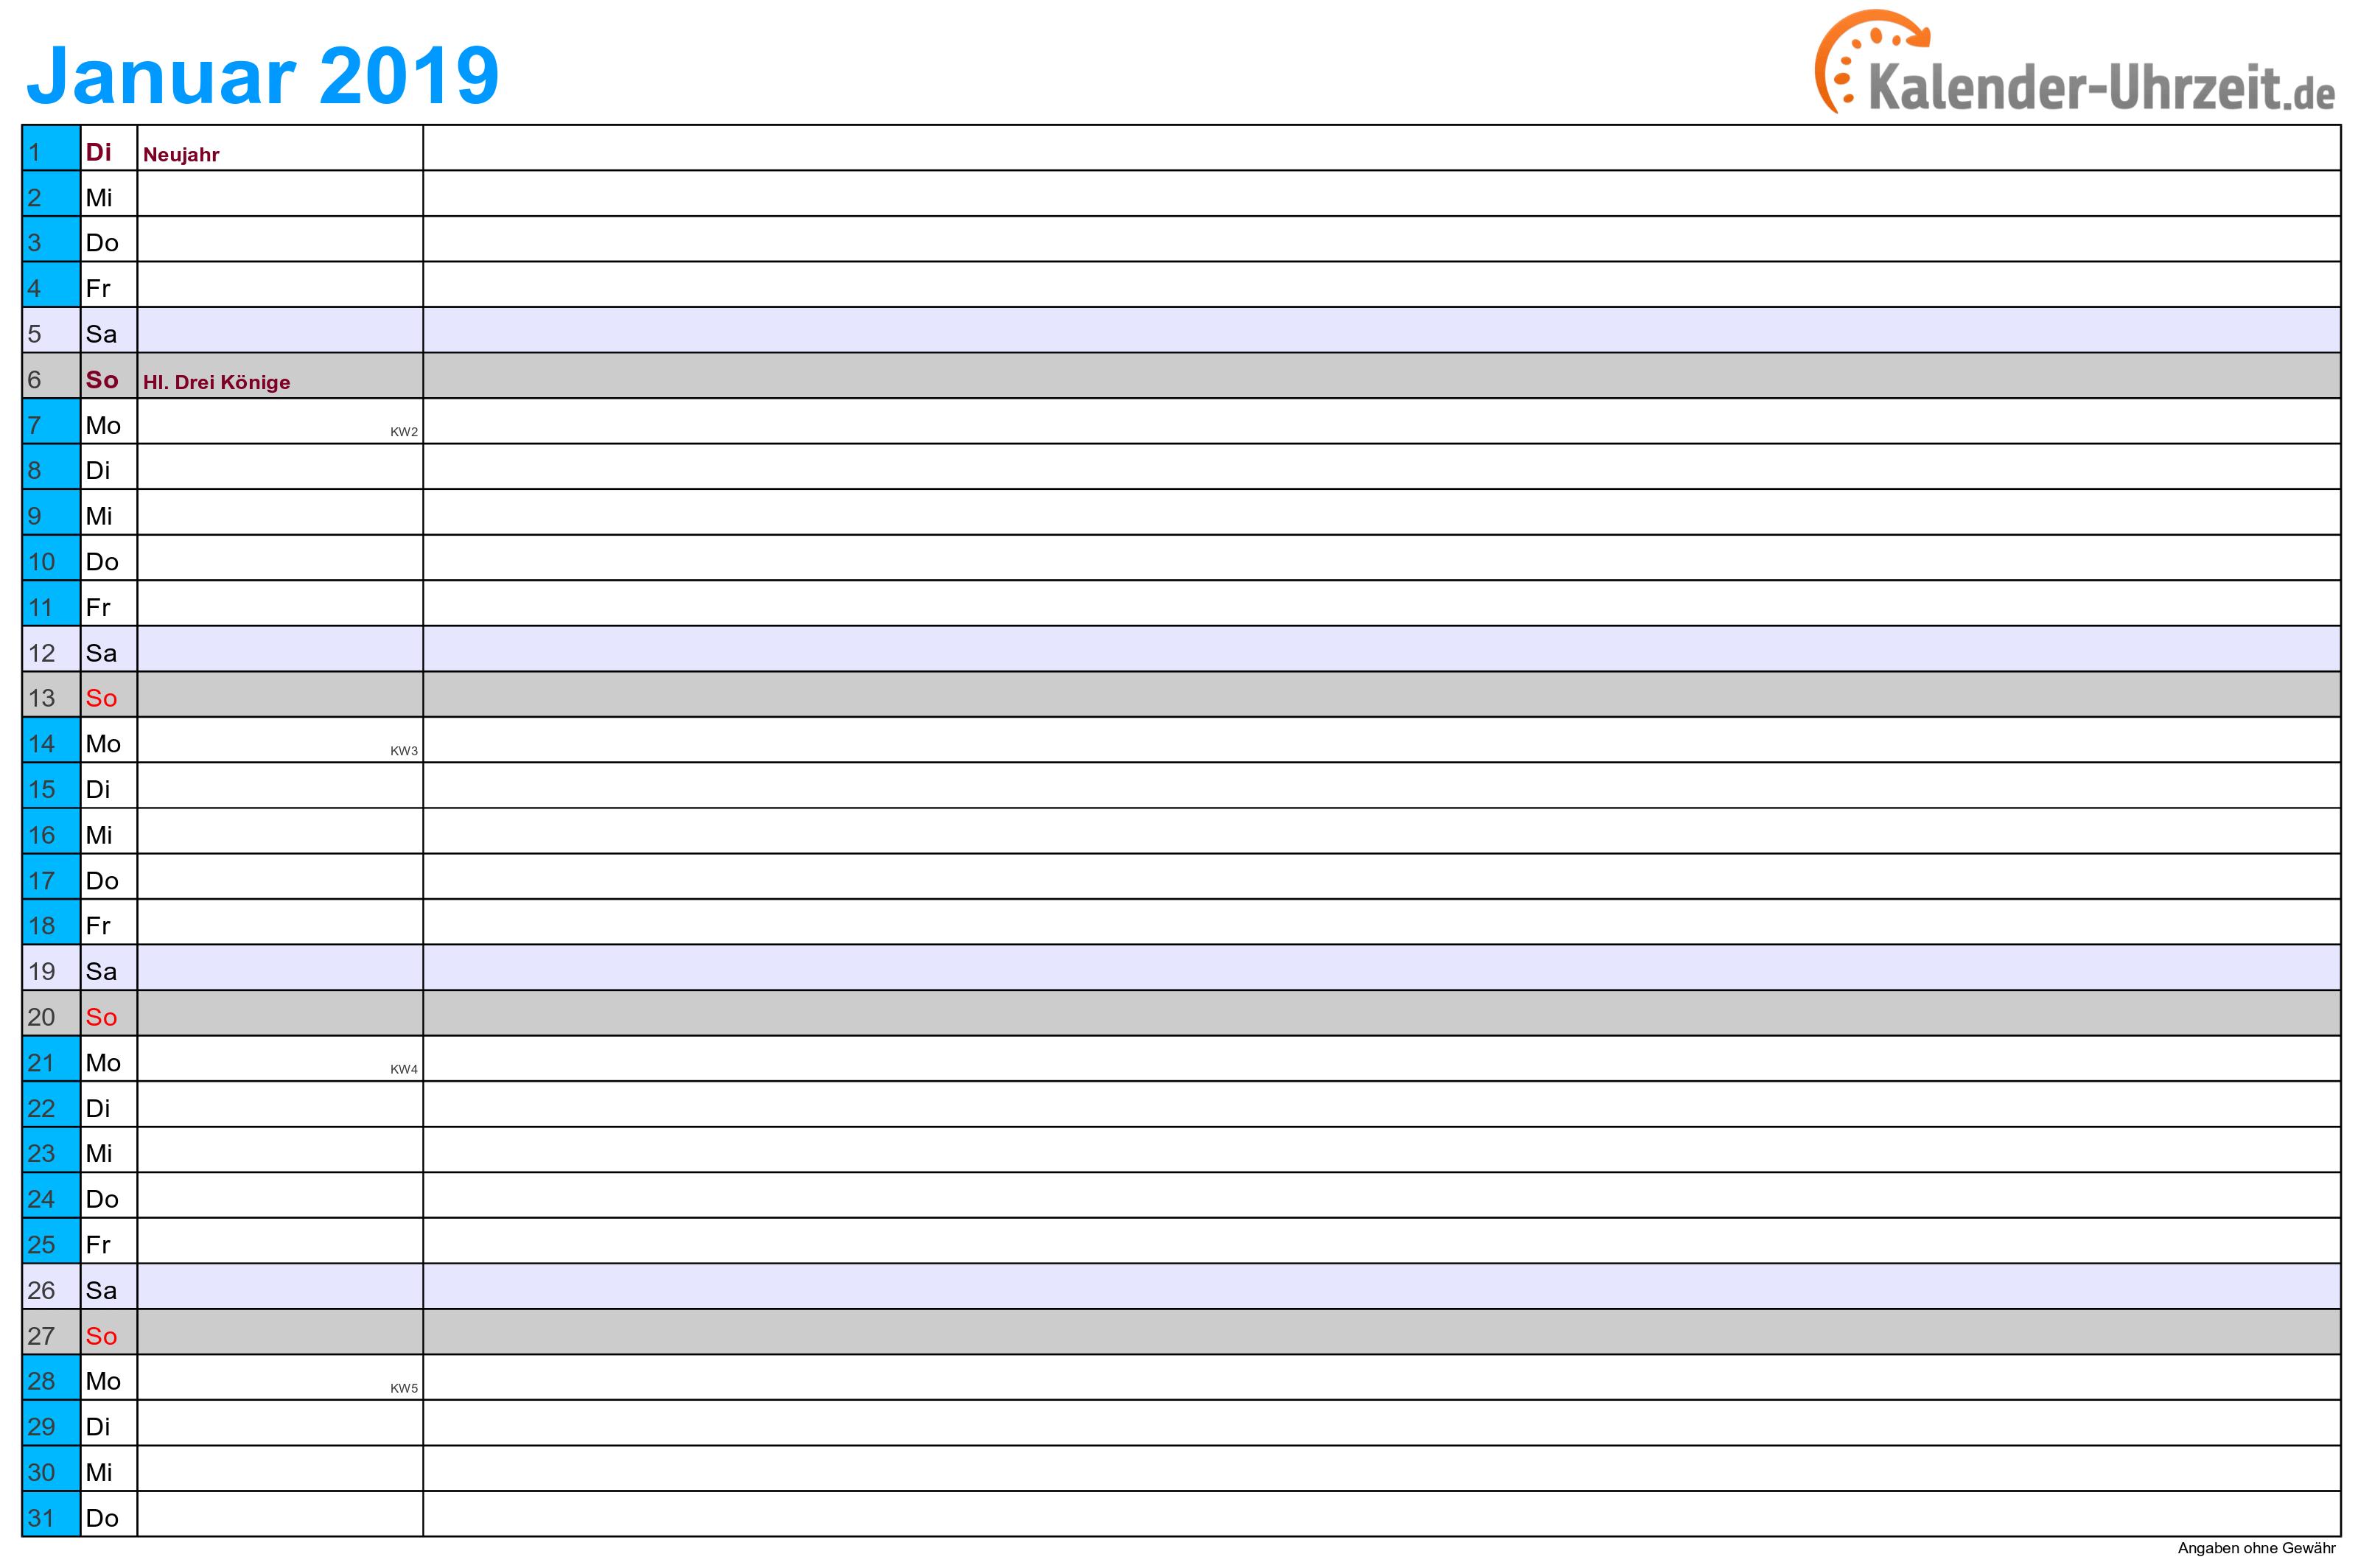 Monatskalender 2019 mit Feiertagen - 12-seitig - A4-Querformat